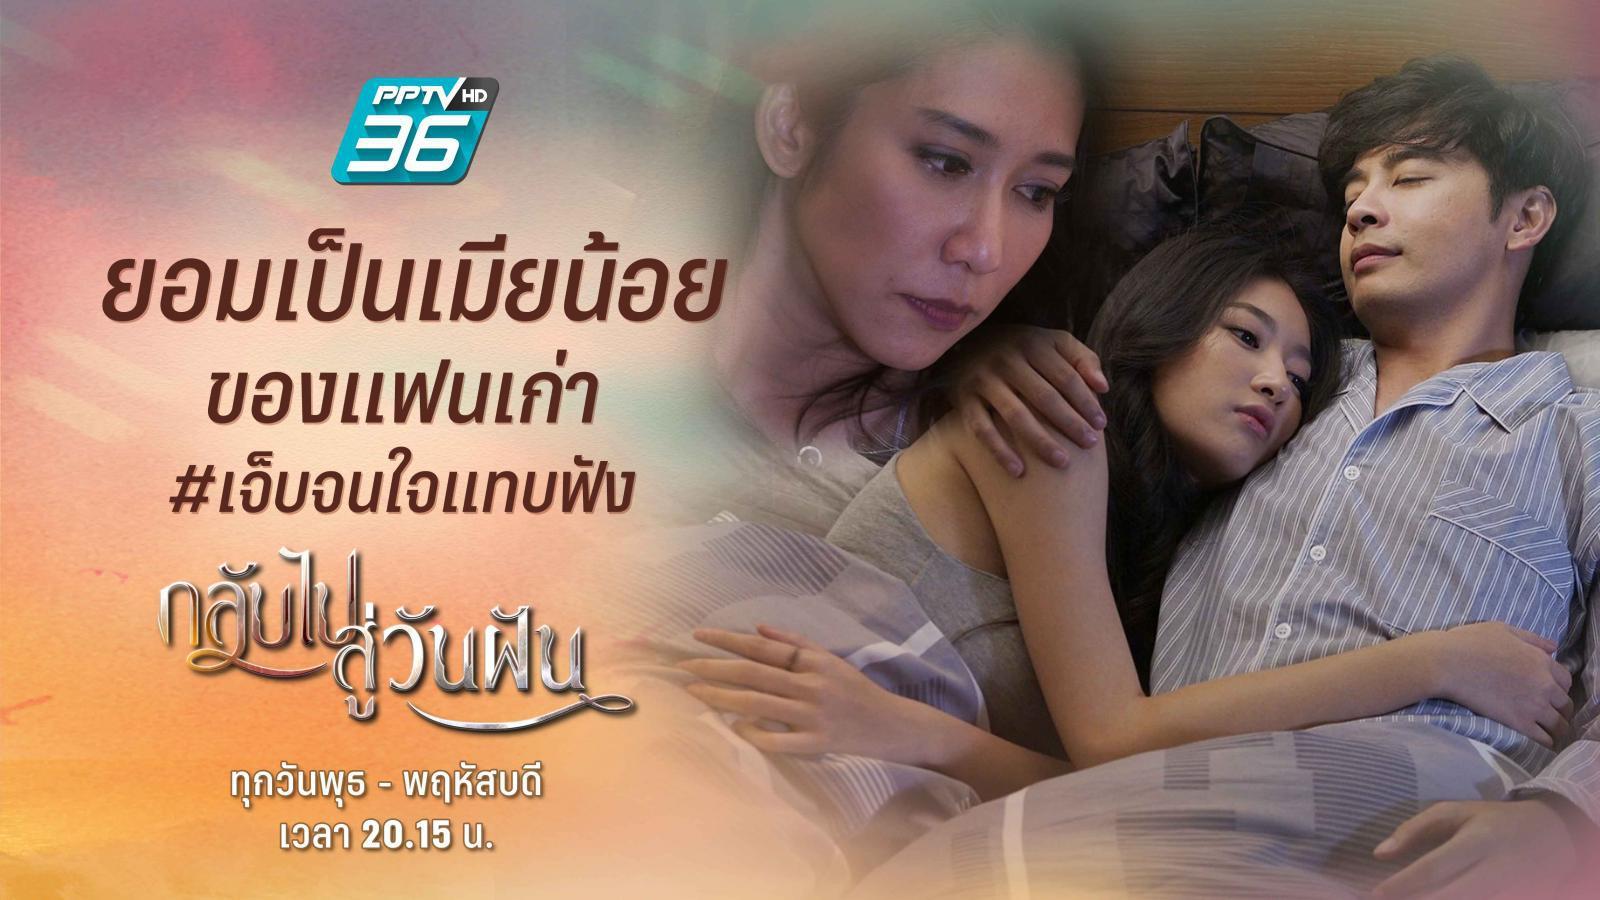 กลับไปสู่วันฝัน EP.11 | ฟินสุด | ยอมเป็นเมียน้อยของแฟนเก่า  | PPTV HD 36